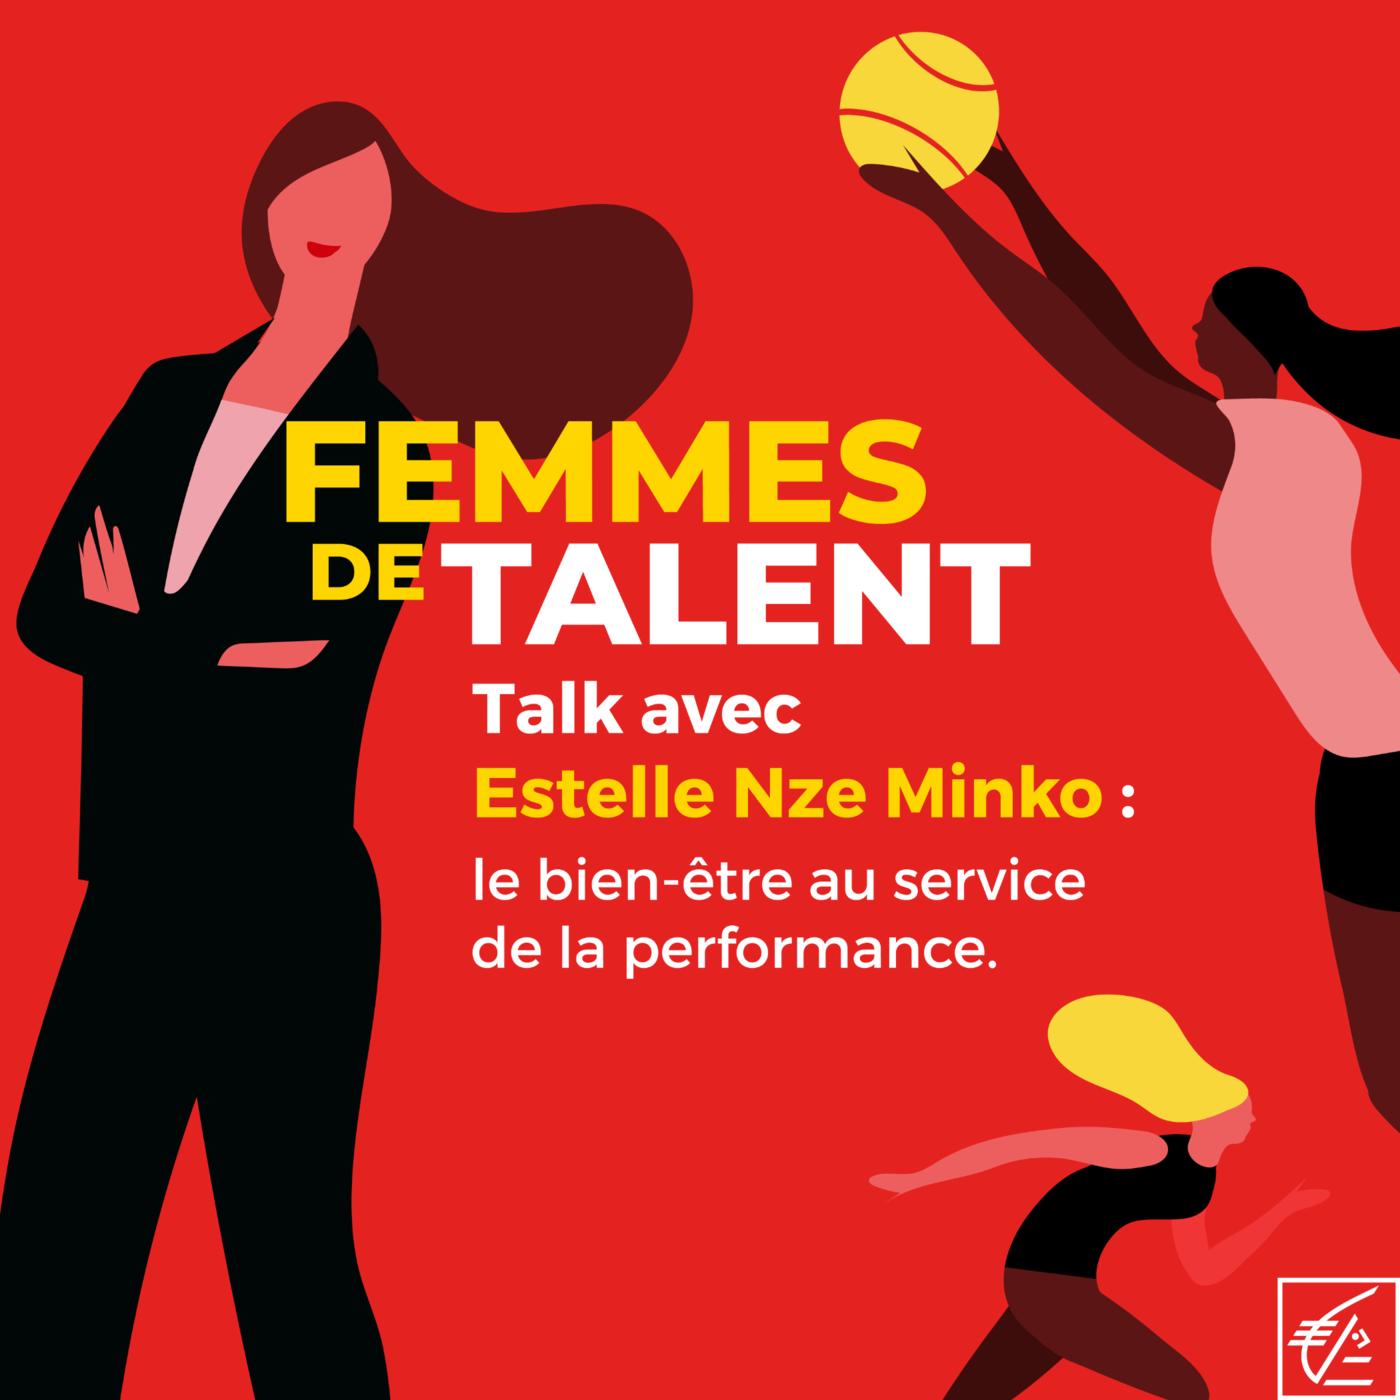 Talk avec Estelle Nze Minko : le bien-être au service de la performance